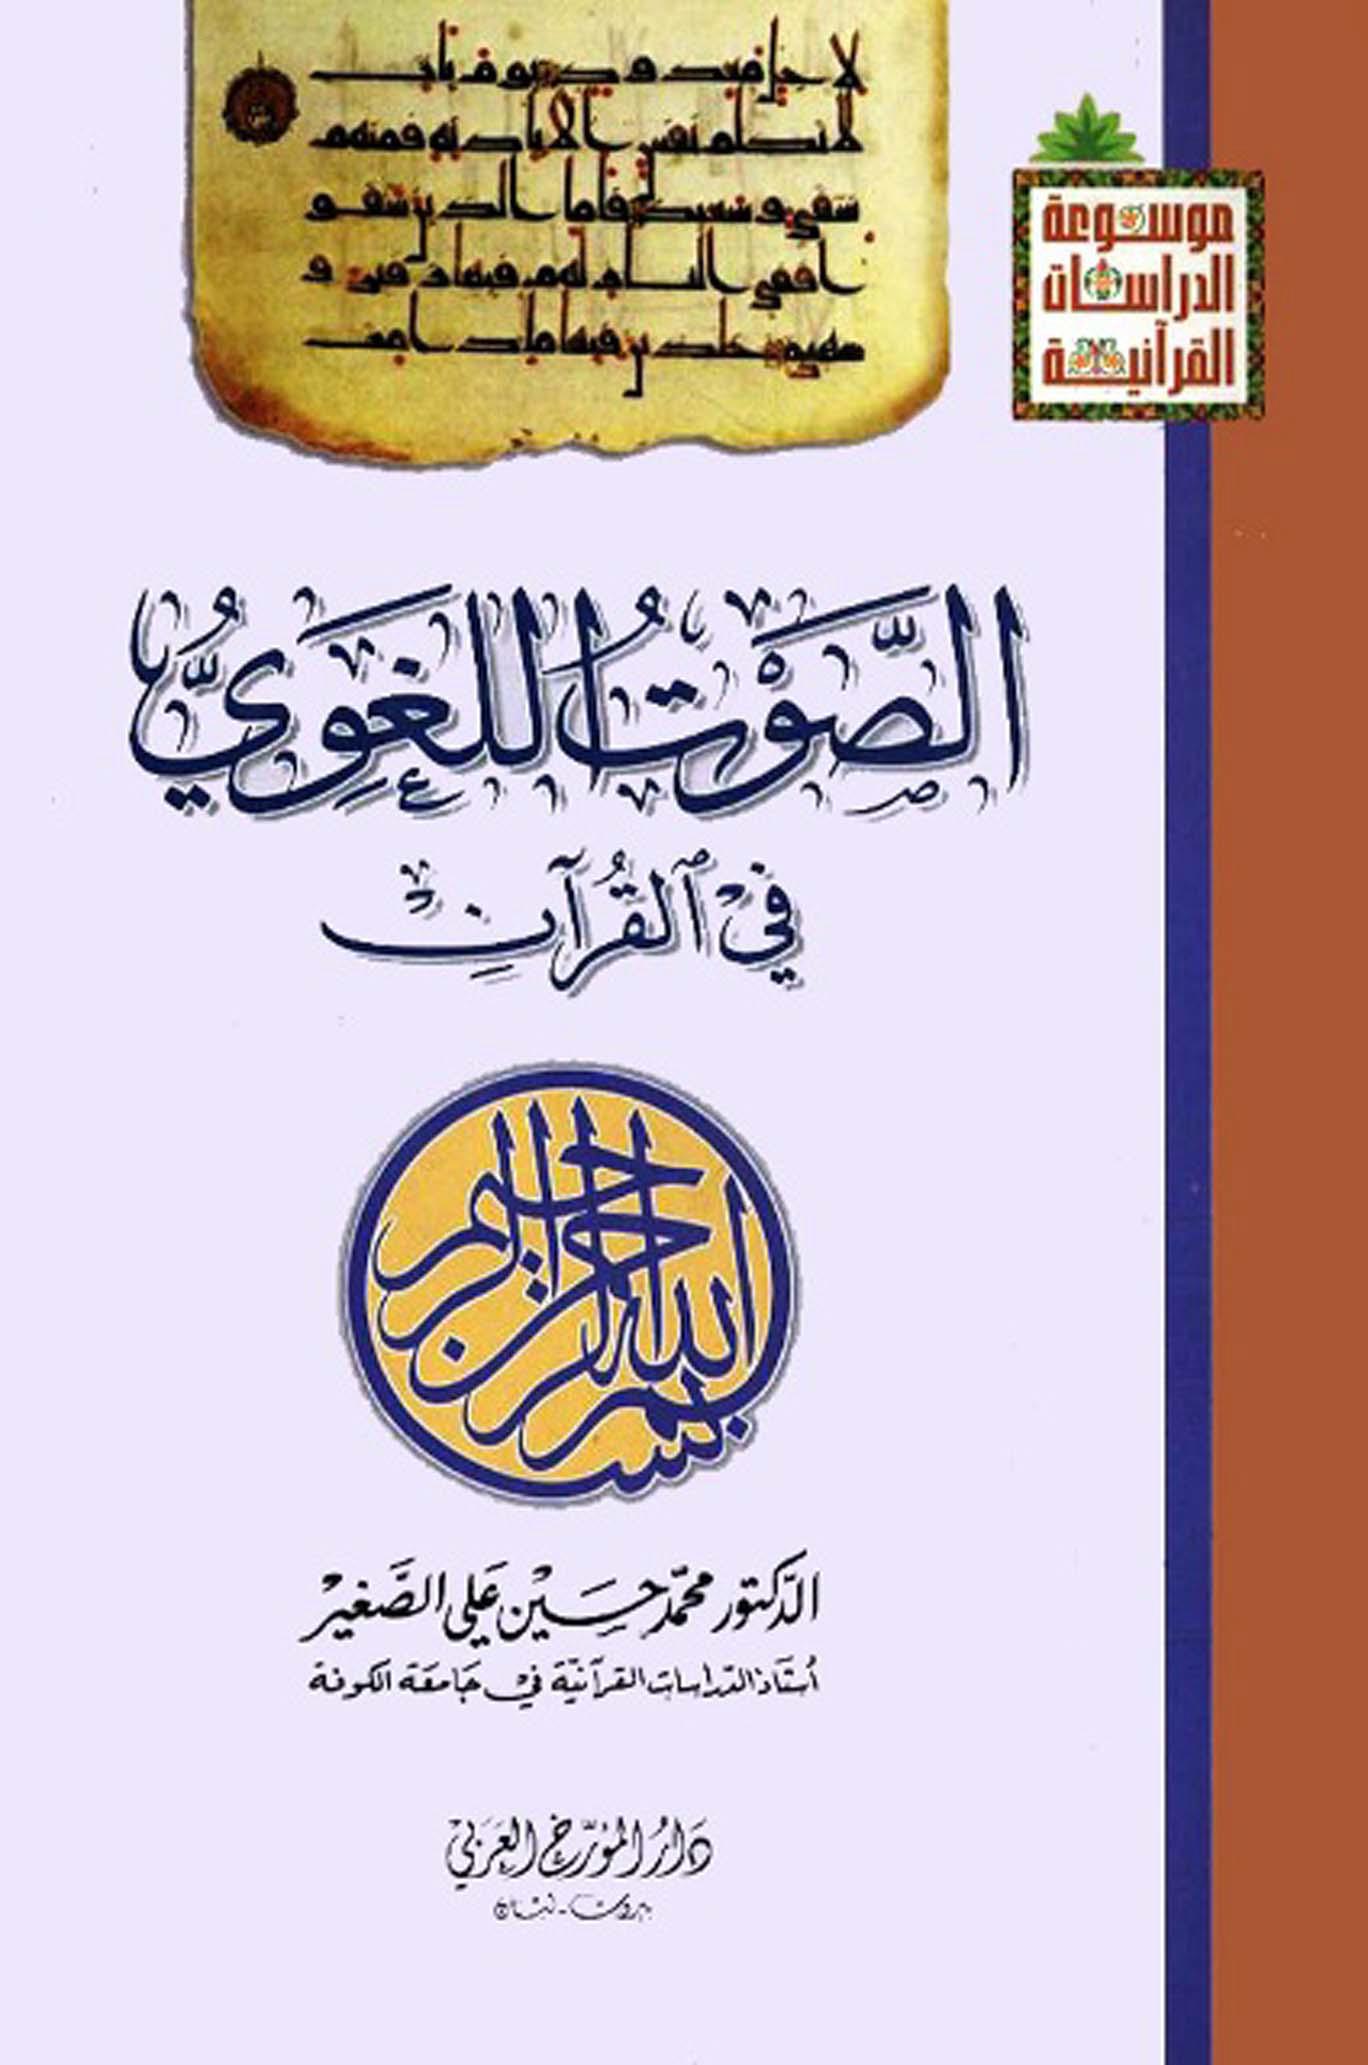 تحميل كتاب الصوت اللغوي في القرآن لـِ: الدكتور محمد حسين علي الصغير